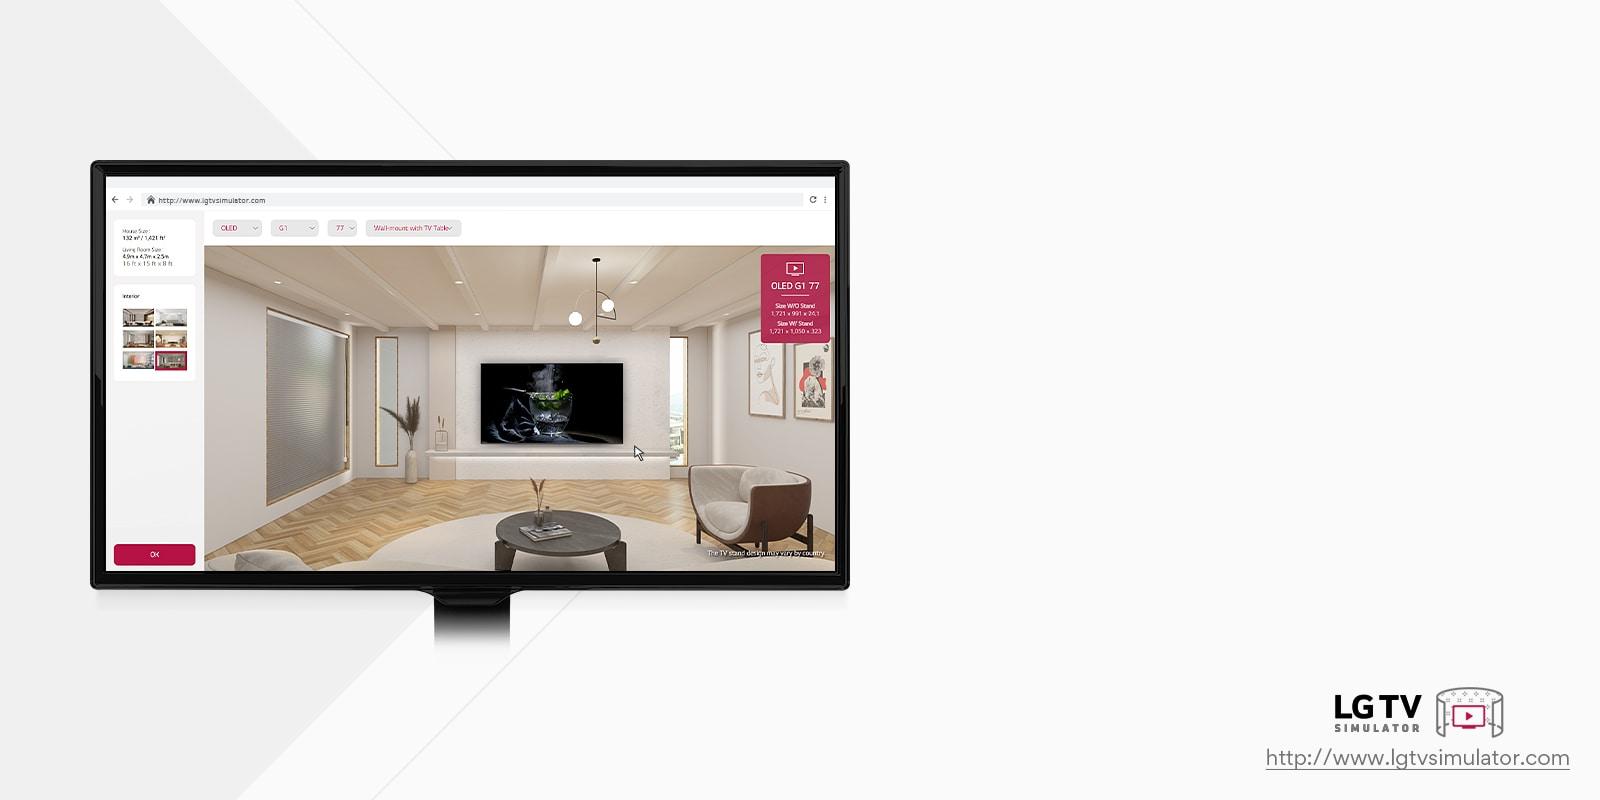 這是模擬工具的說明用影像,可讓您在 虛擬空間放置所有 LG TV 型號。